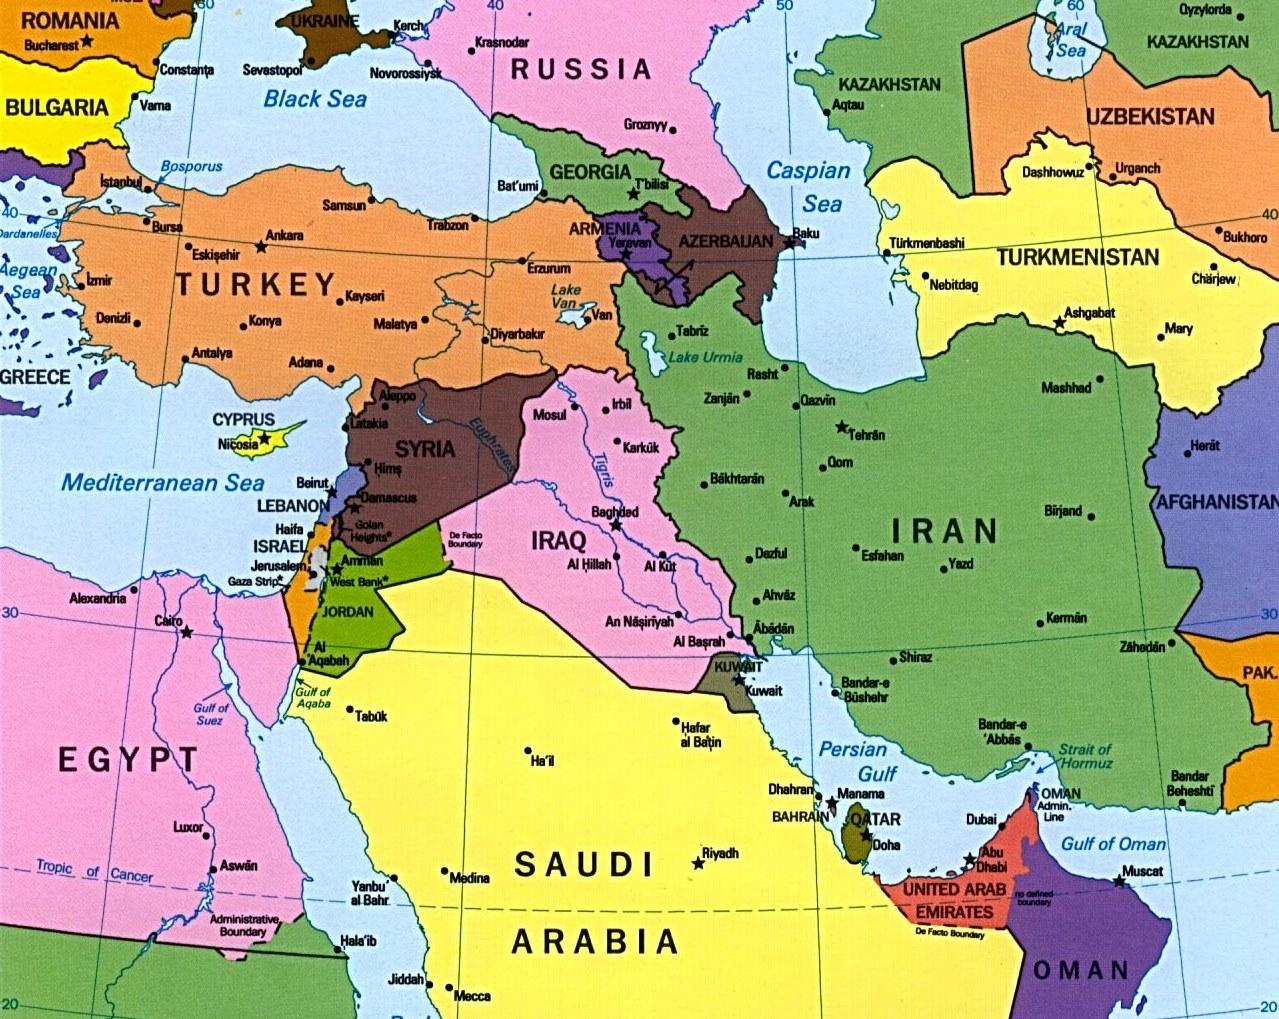 Cartina Europa E Medio Oriente.Cipro Mappa In Medio Oriente Mappa Di Cipro Medio Oriente Europa Del Sud Europa